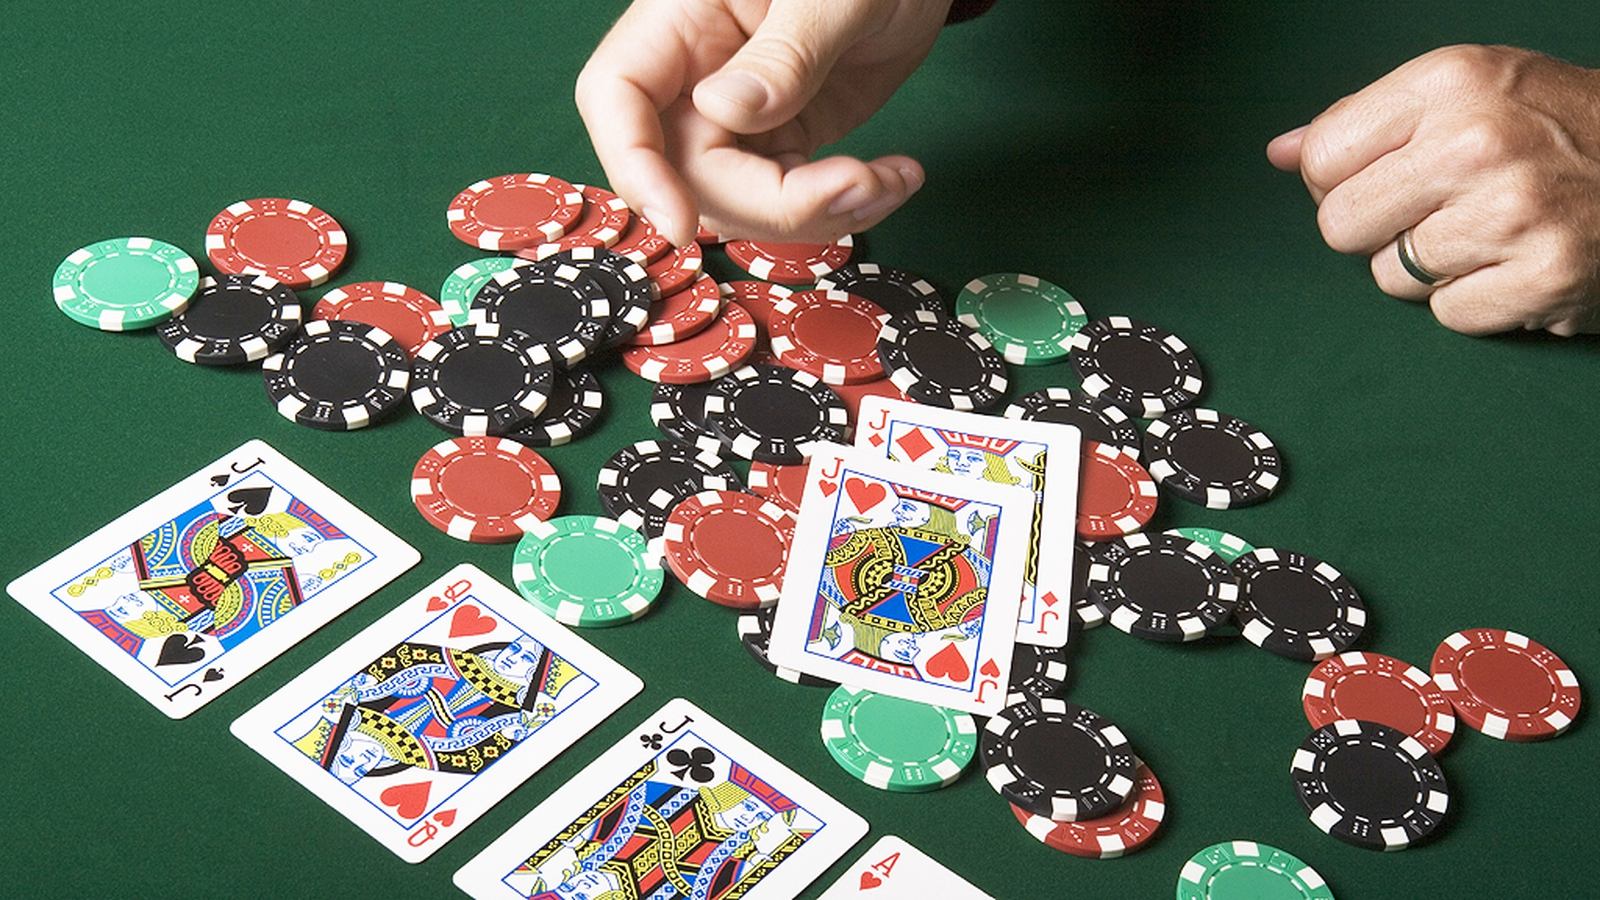 Amaya Gaming to buy Full Tilt Poker for $4.9bn